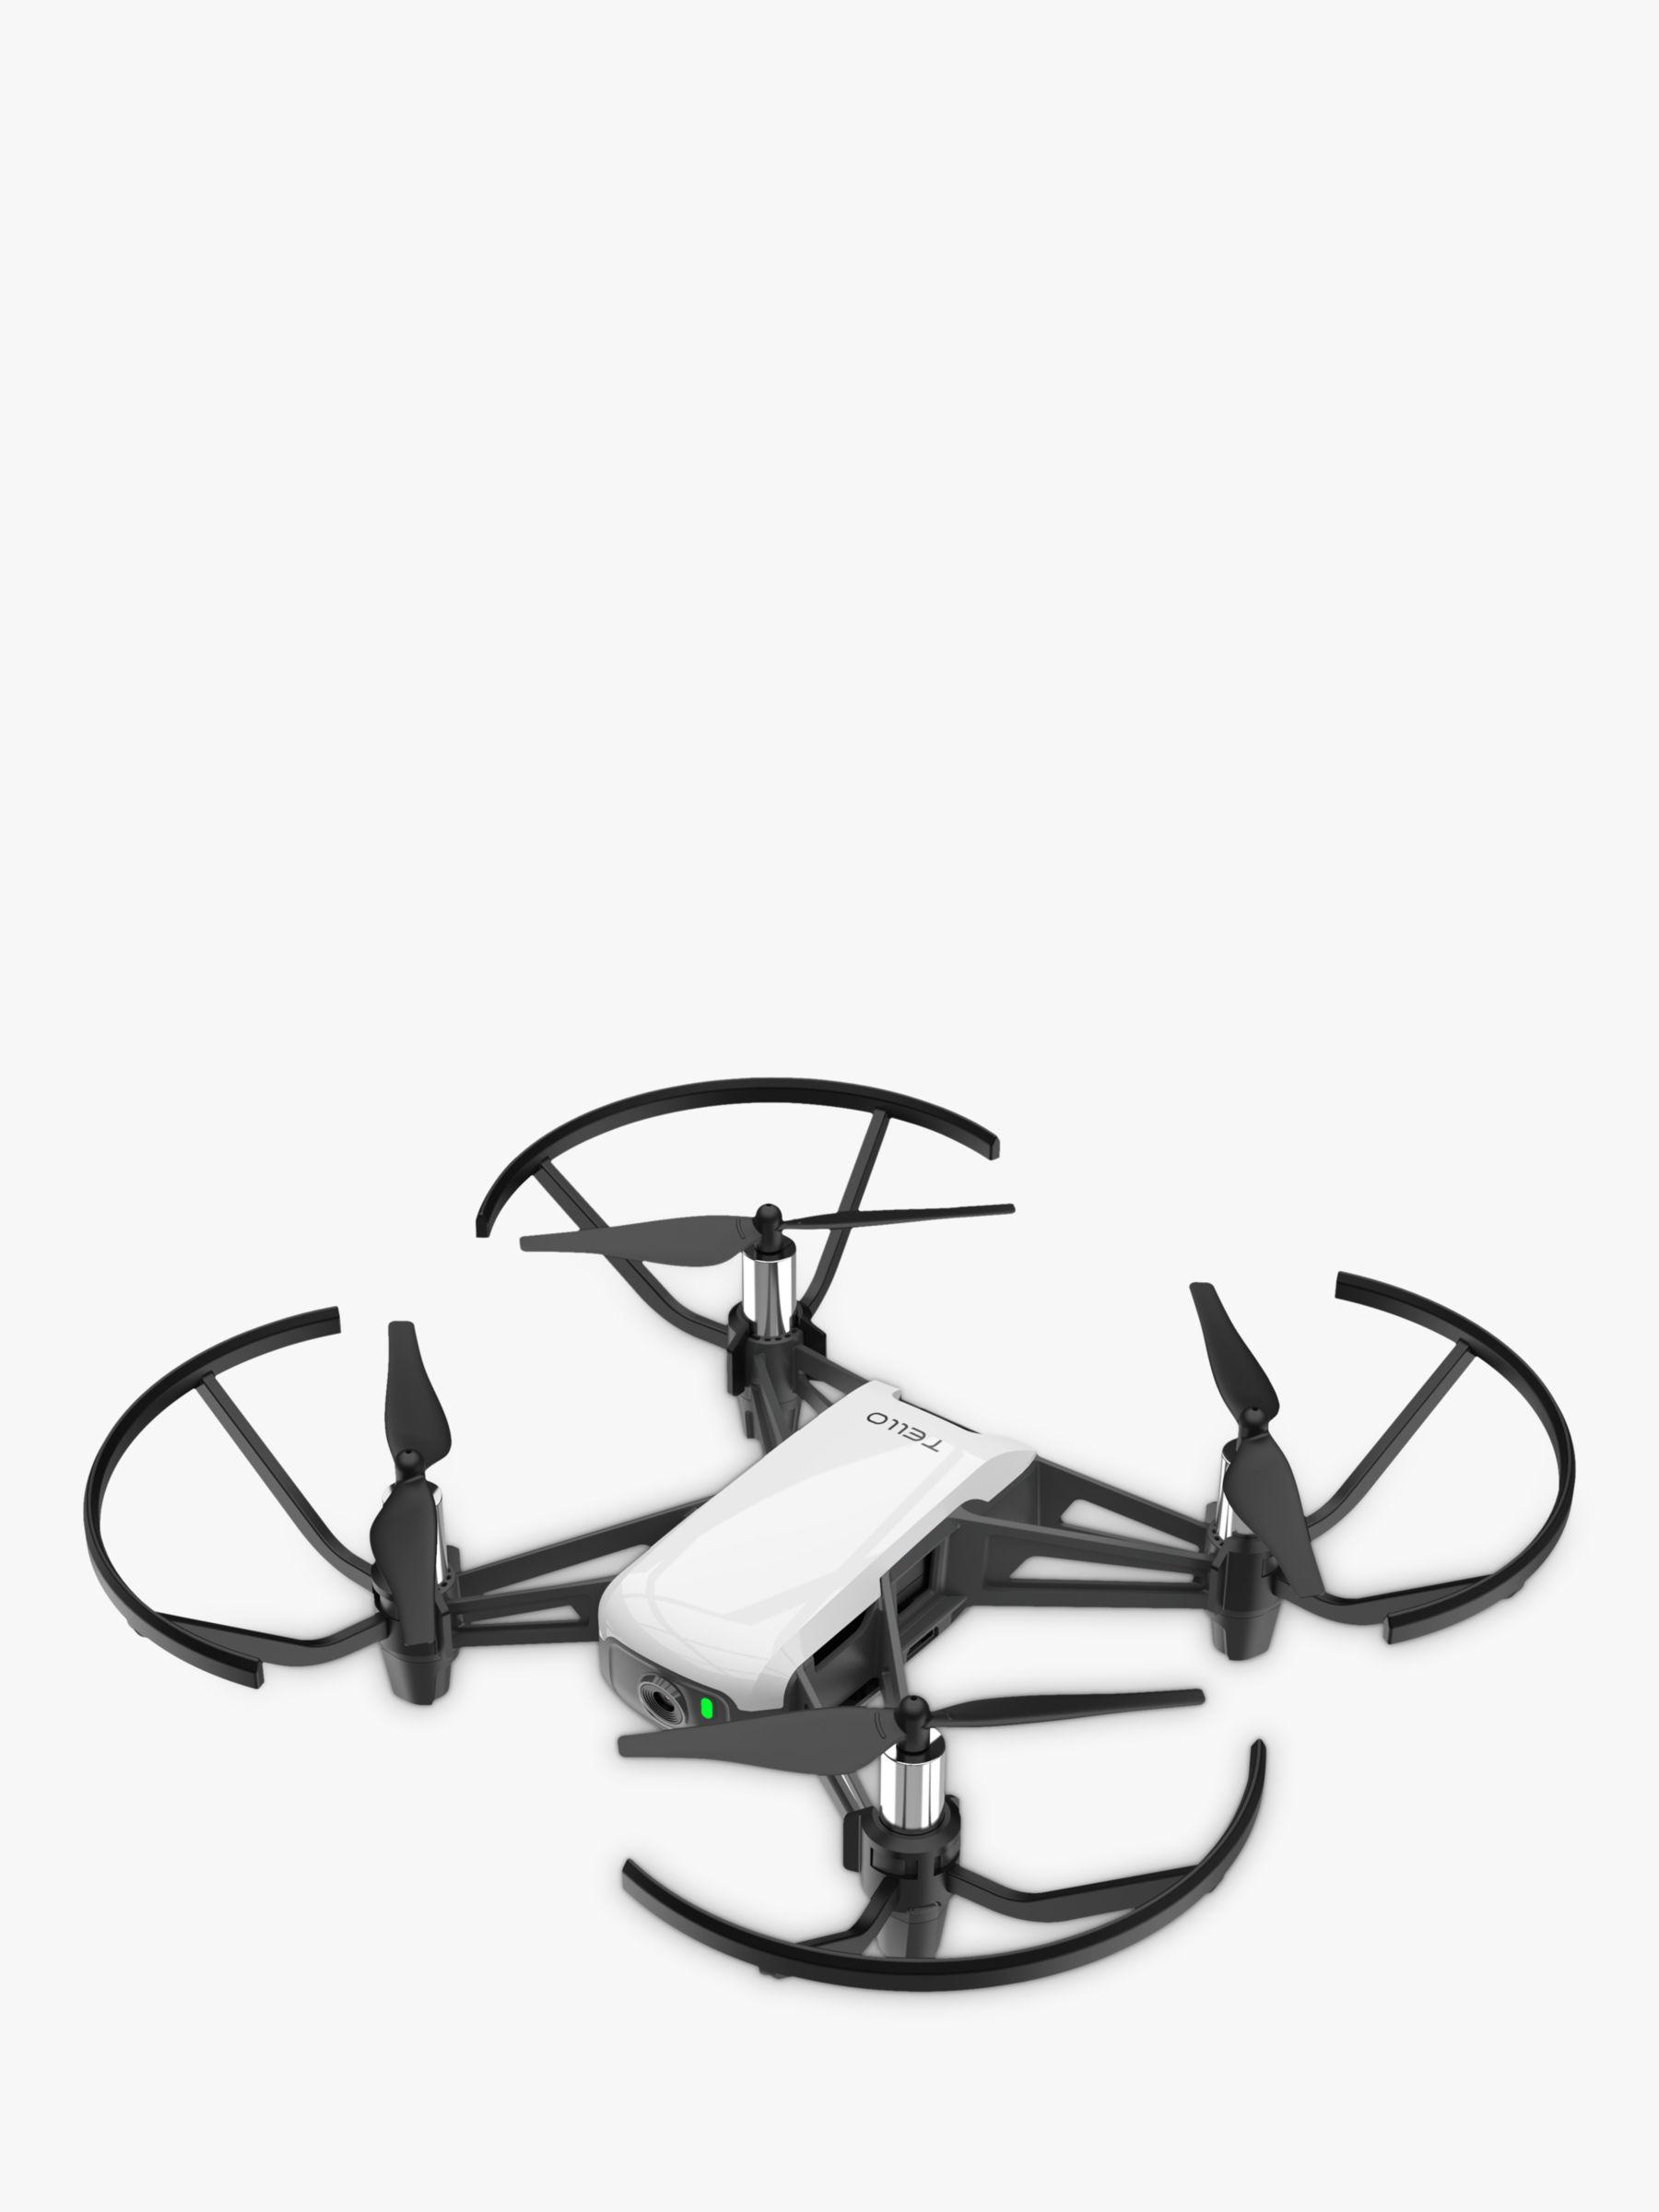 Ryze Tello Drone Powered by DJI